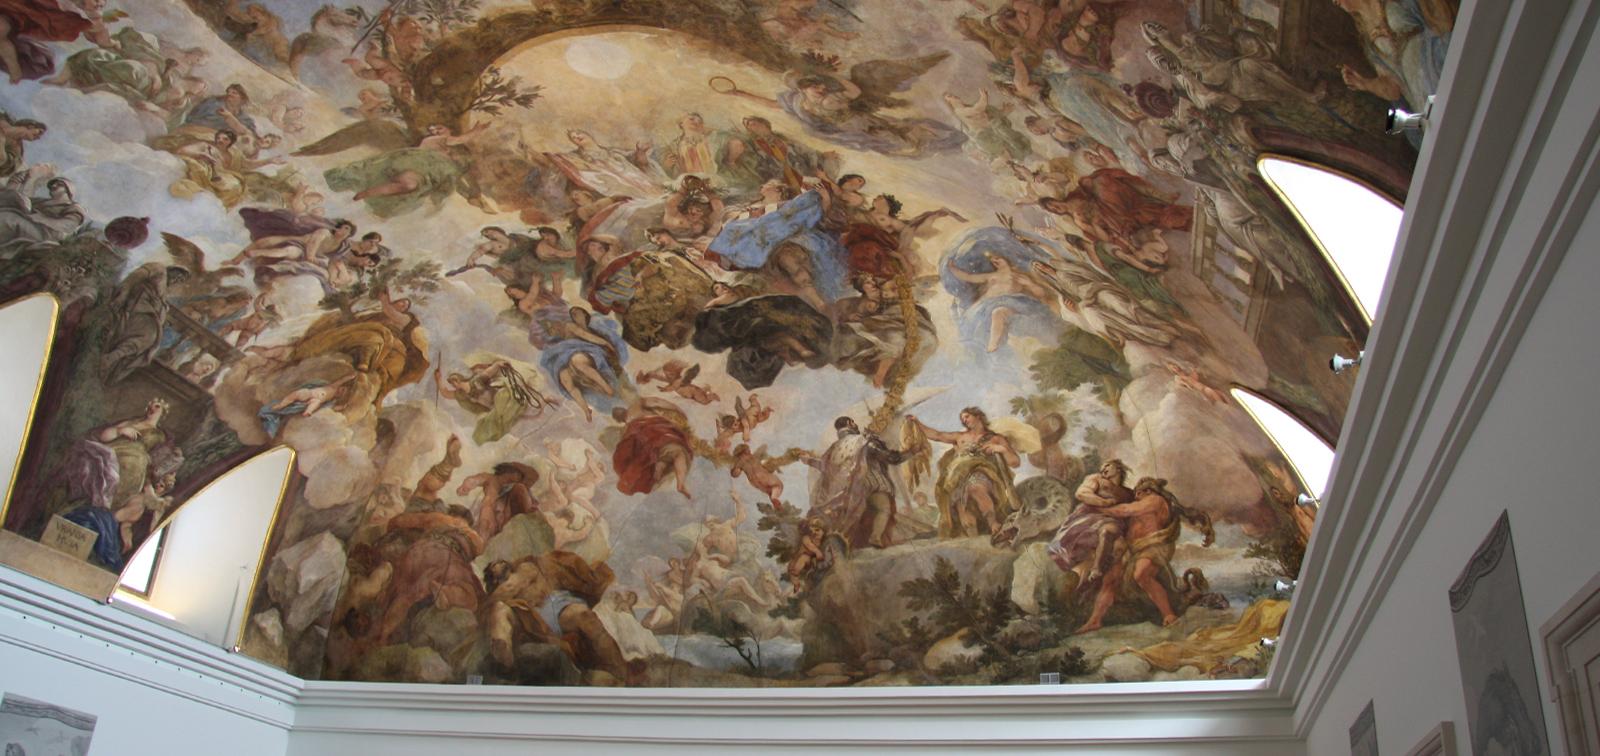 MUSEO DEL PRADO (MADRID): Visitas guiadas a la Biblioteca y concierto (GRATIS)